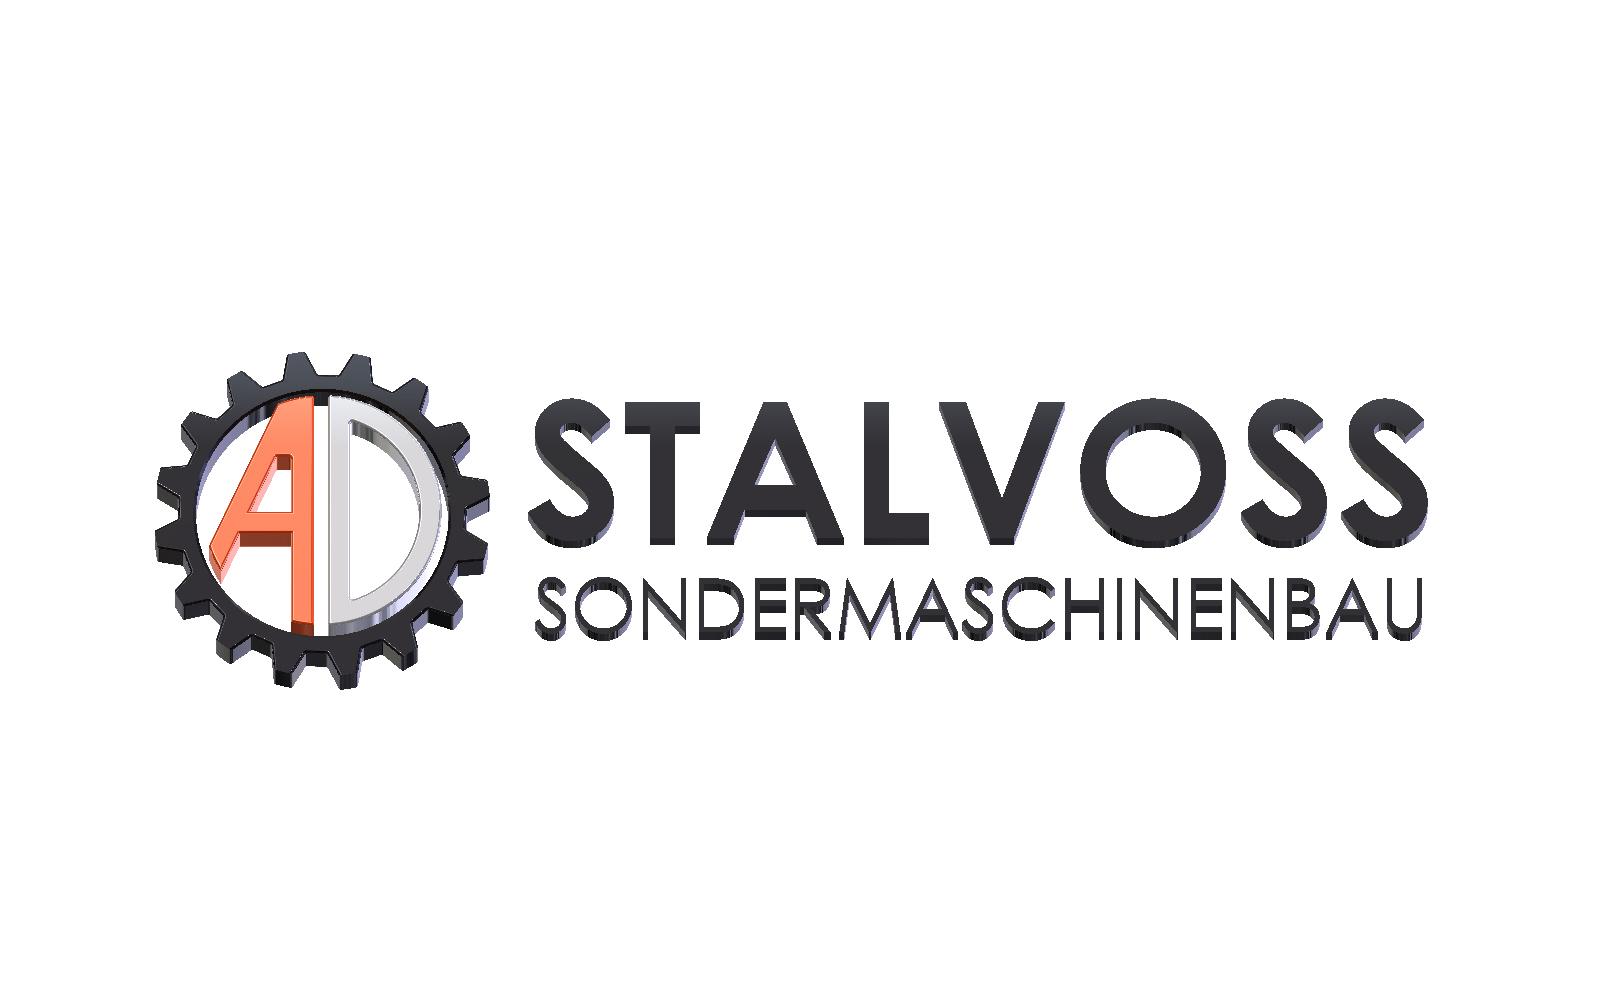 Stalvoss Sondermaschienenbau GmbH